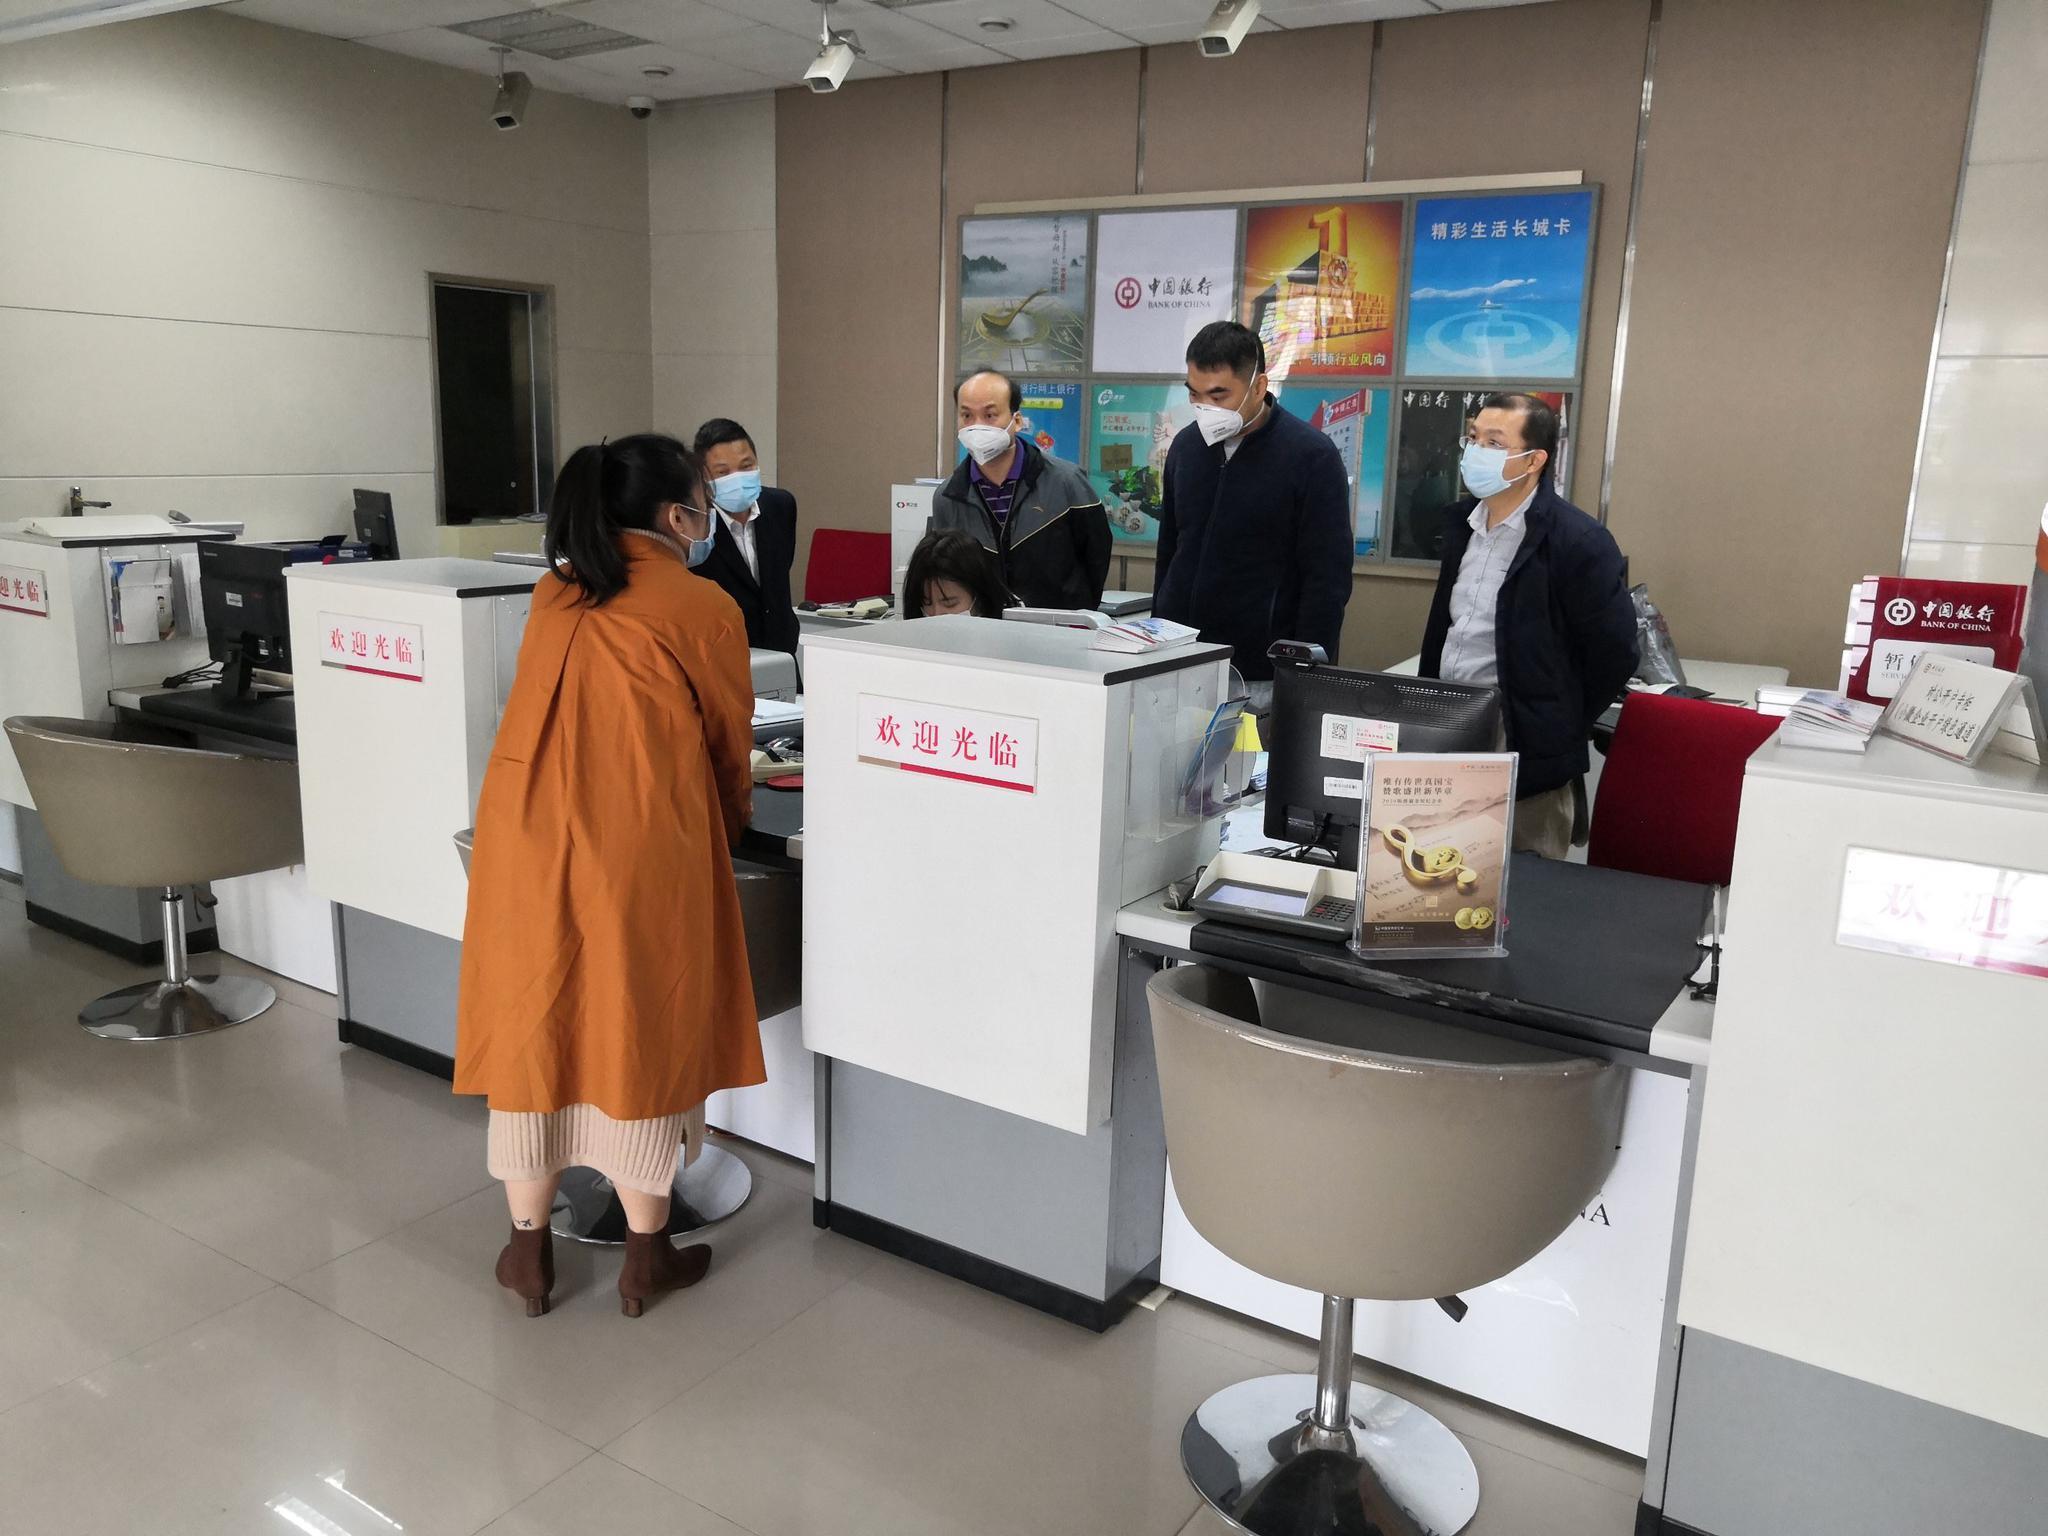 银企携手,共同战疫—中国银行惠州大亚湾支行助力企业复工复产